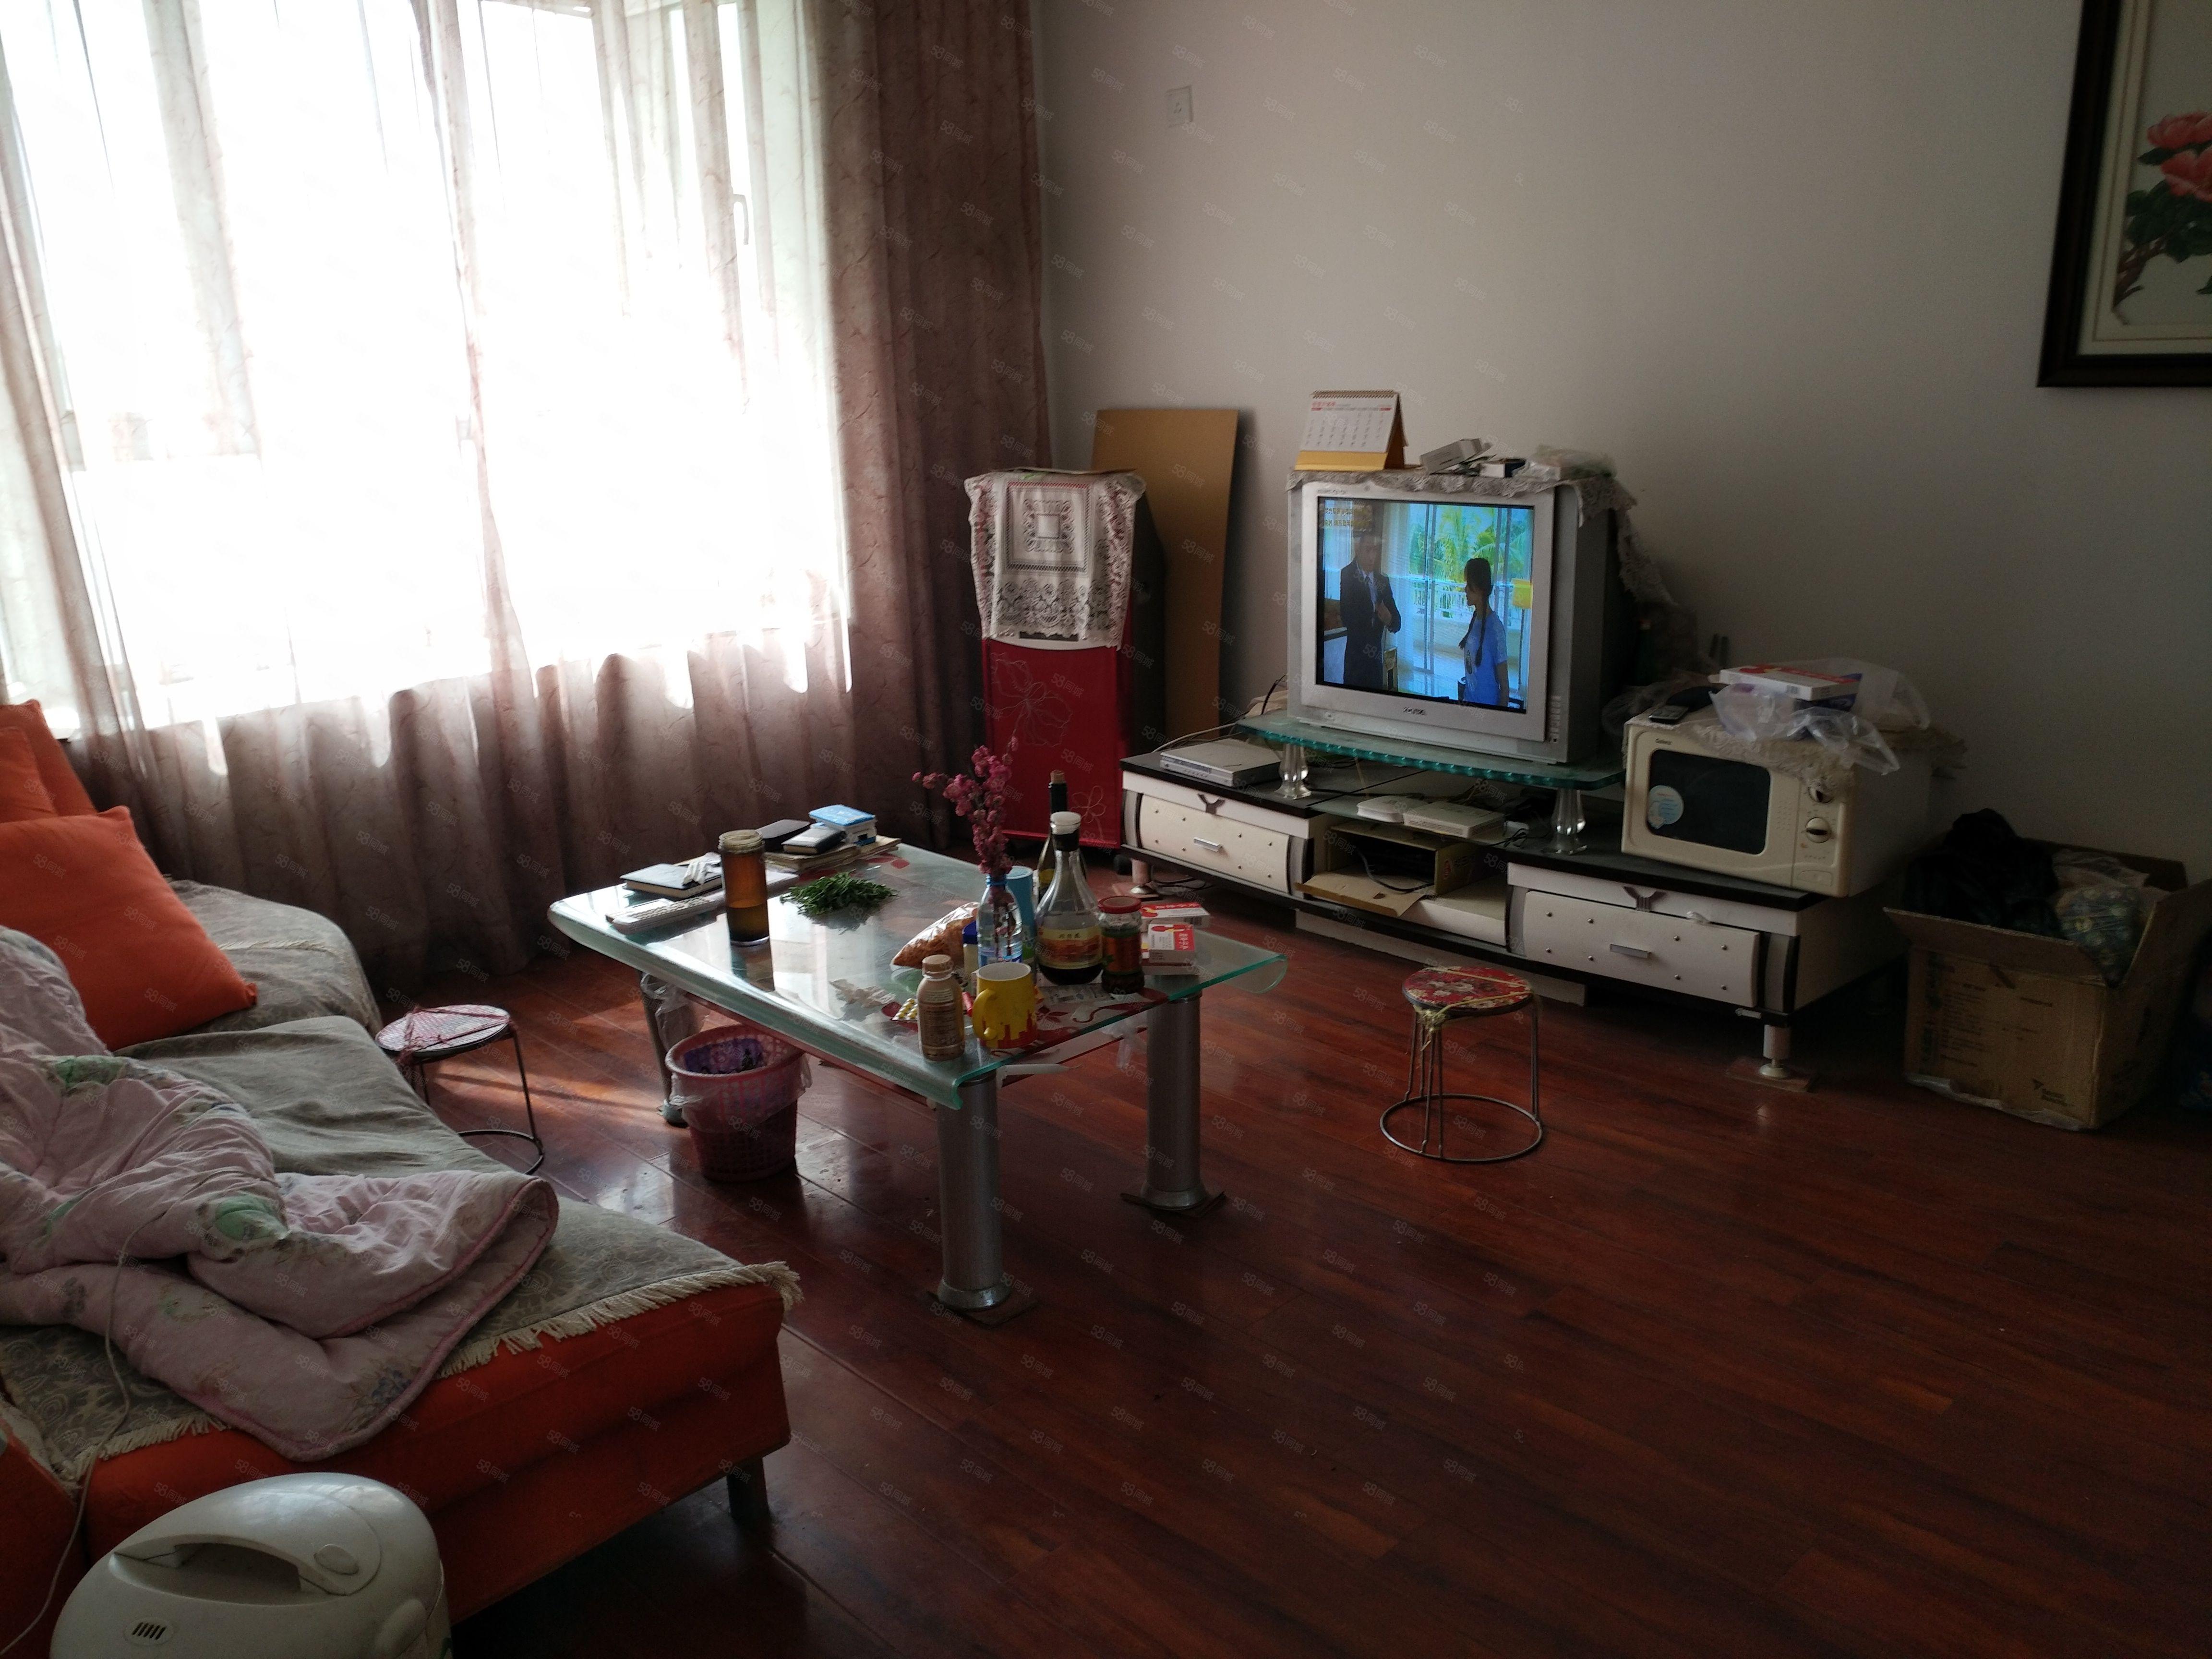 文博苑3樓兩室一廳簡裝家具家電齊全拎包入住,6月底可入住